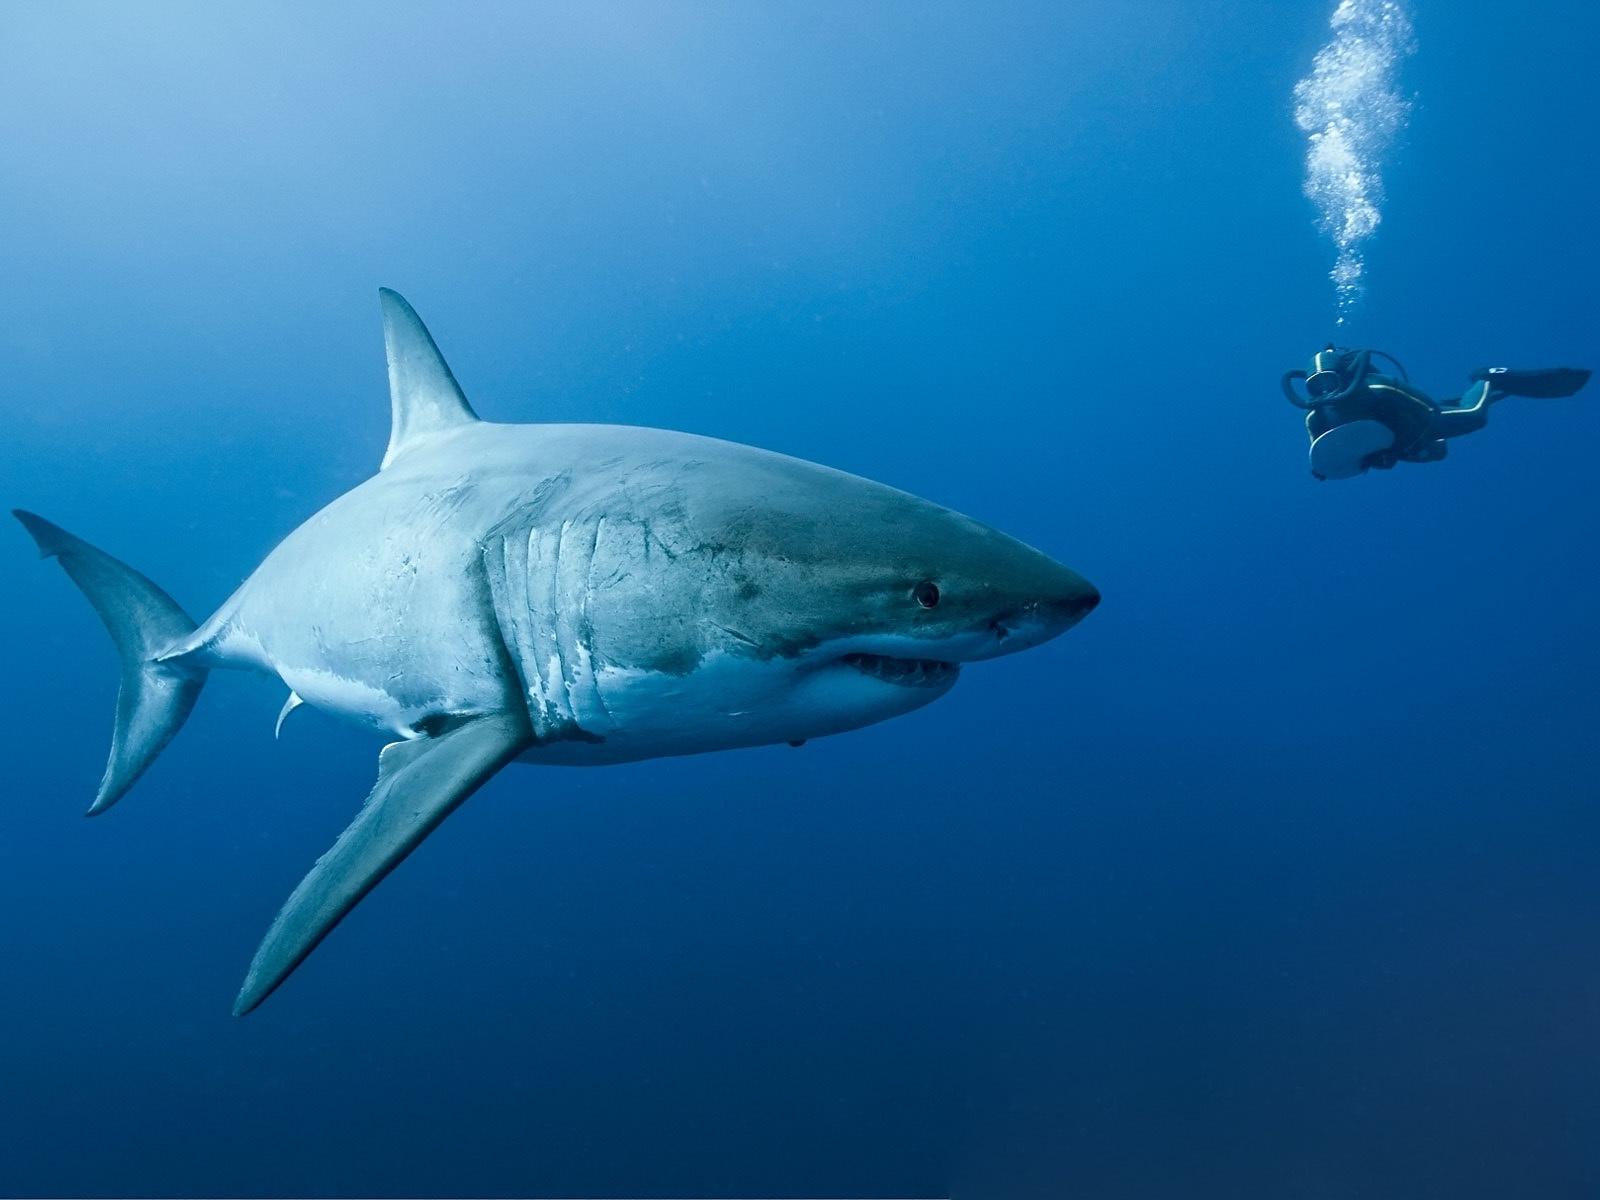 акула, водолаз, океан